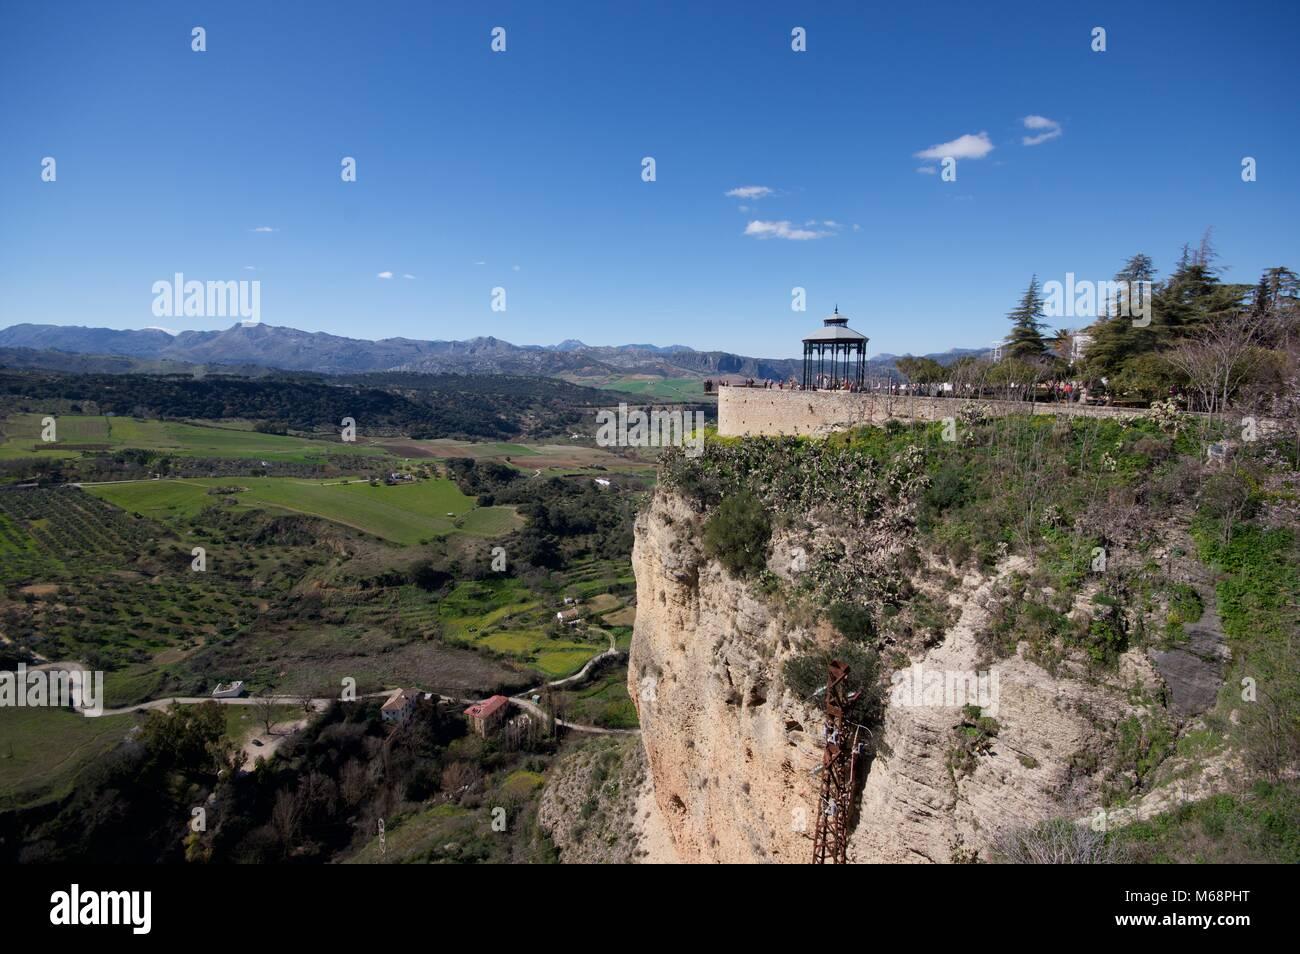 The Mirador de Ronda, famous viewpoint - Stock Image